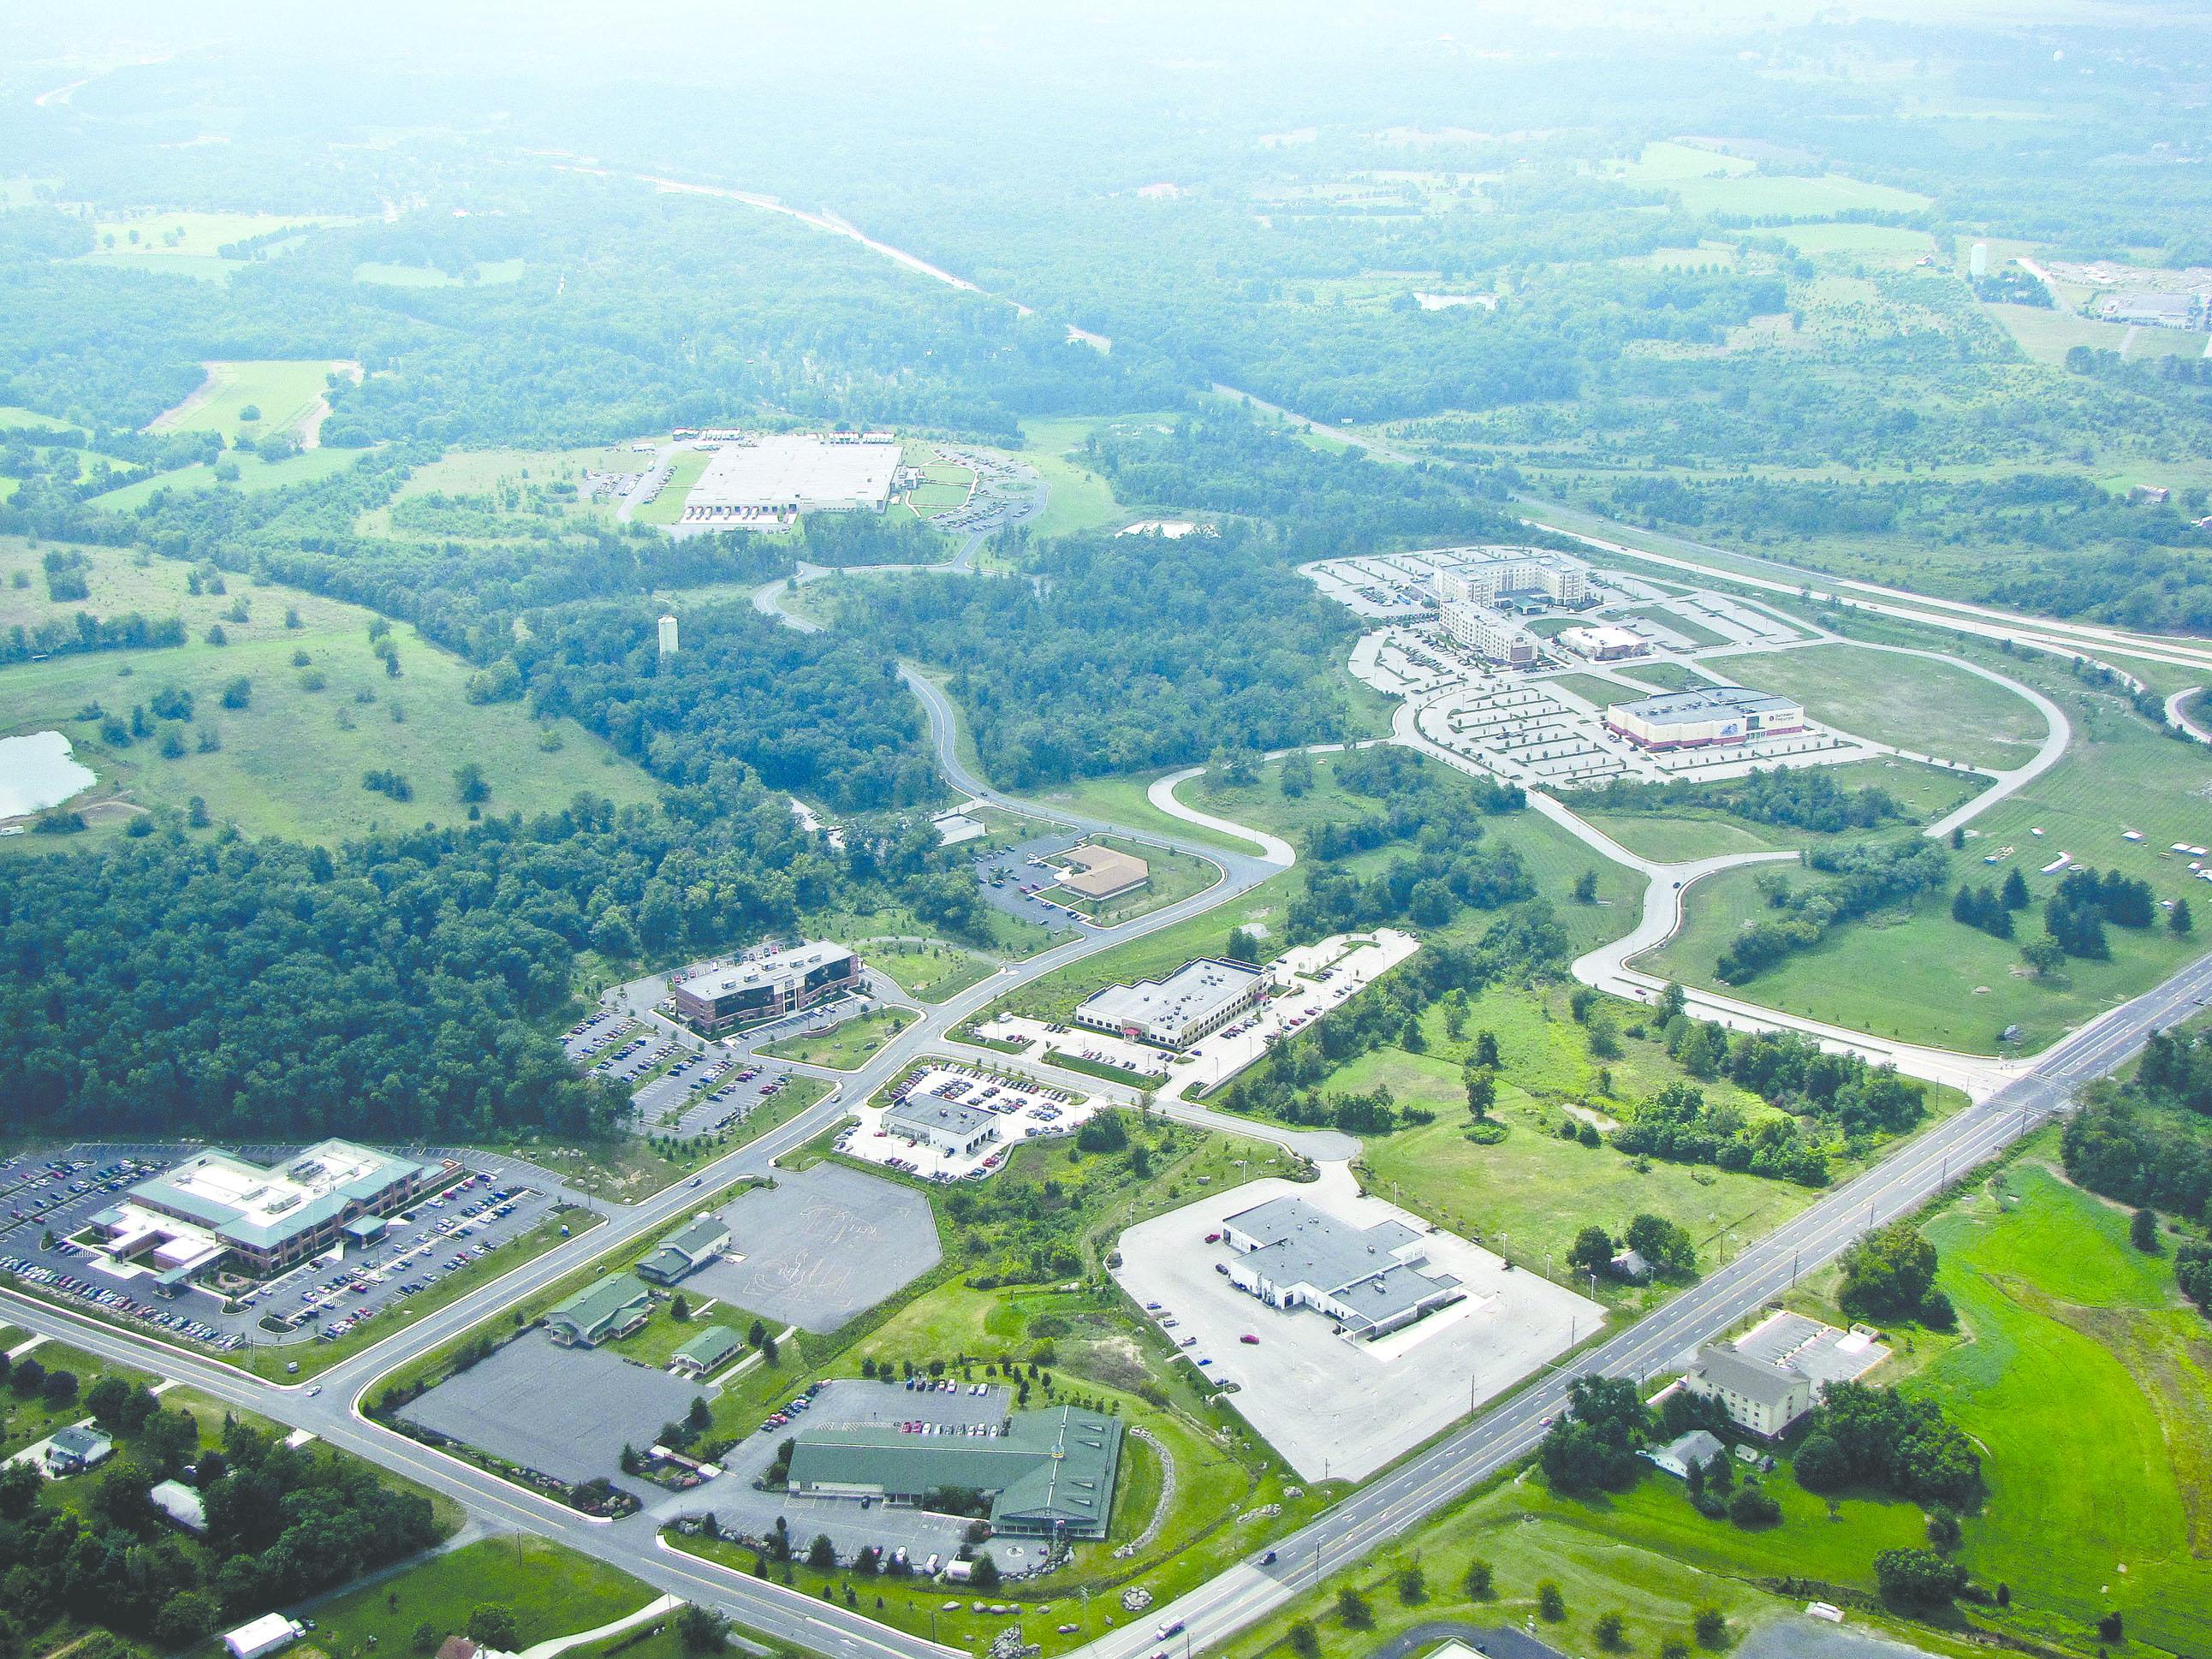 0909-Aerial Adams Commerce Center jm-0777_1